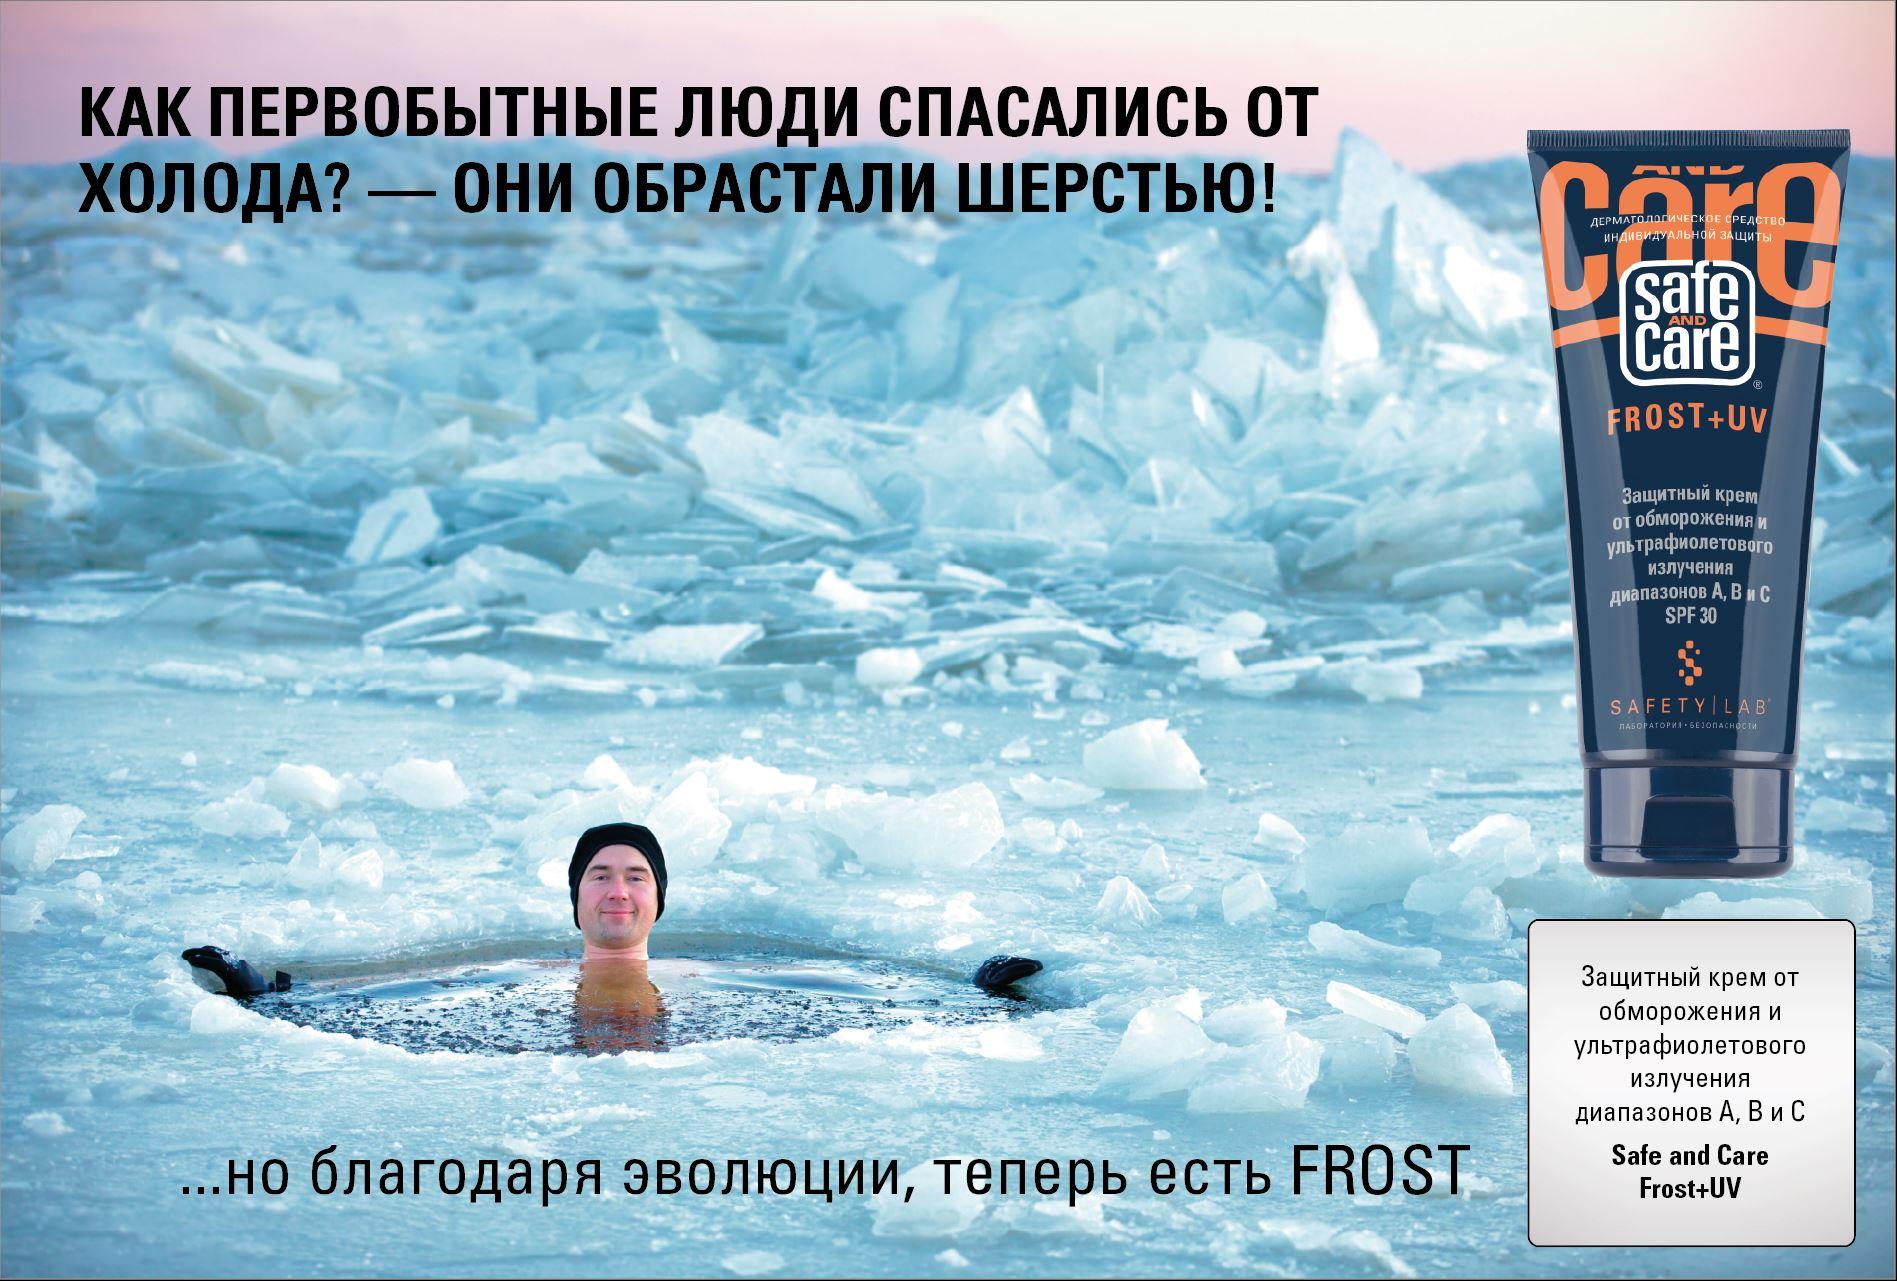 Эффективная защита от обморожения и ультрафиолетового излучения!